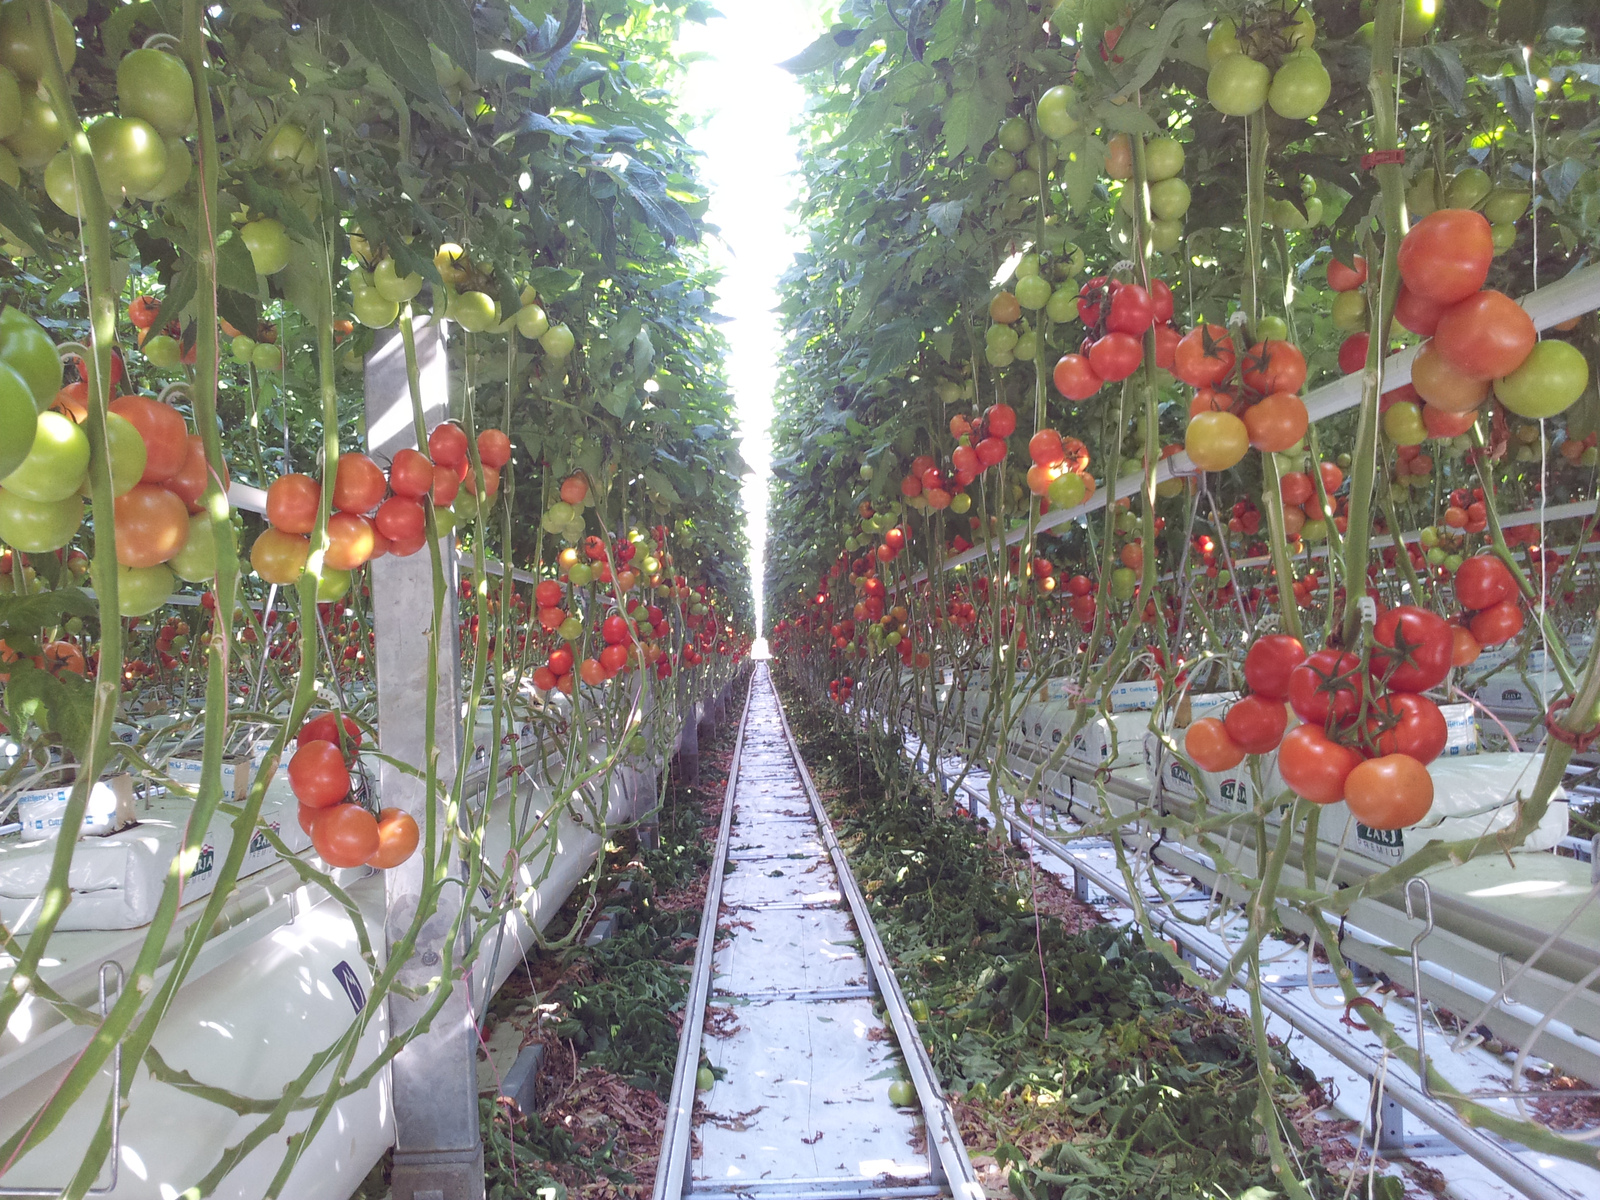 Irrigation Systems, Irrigation